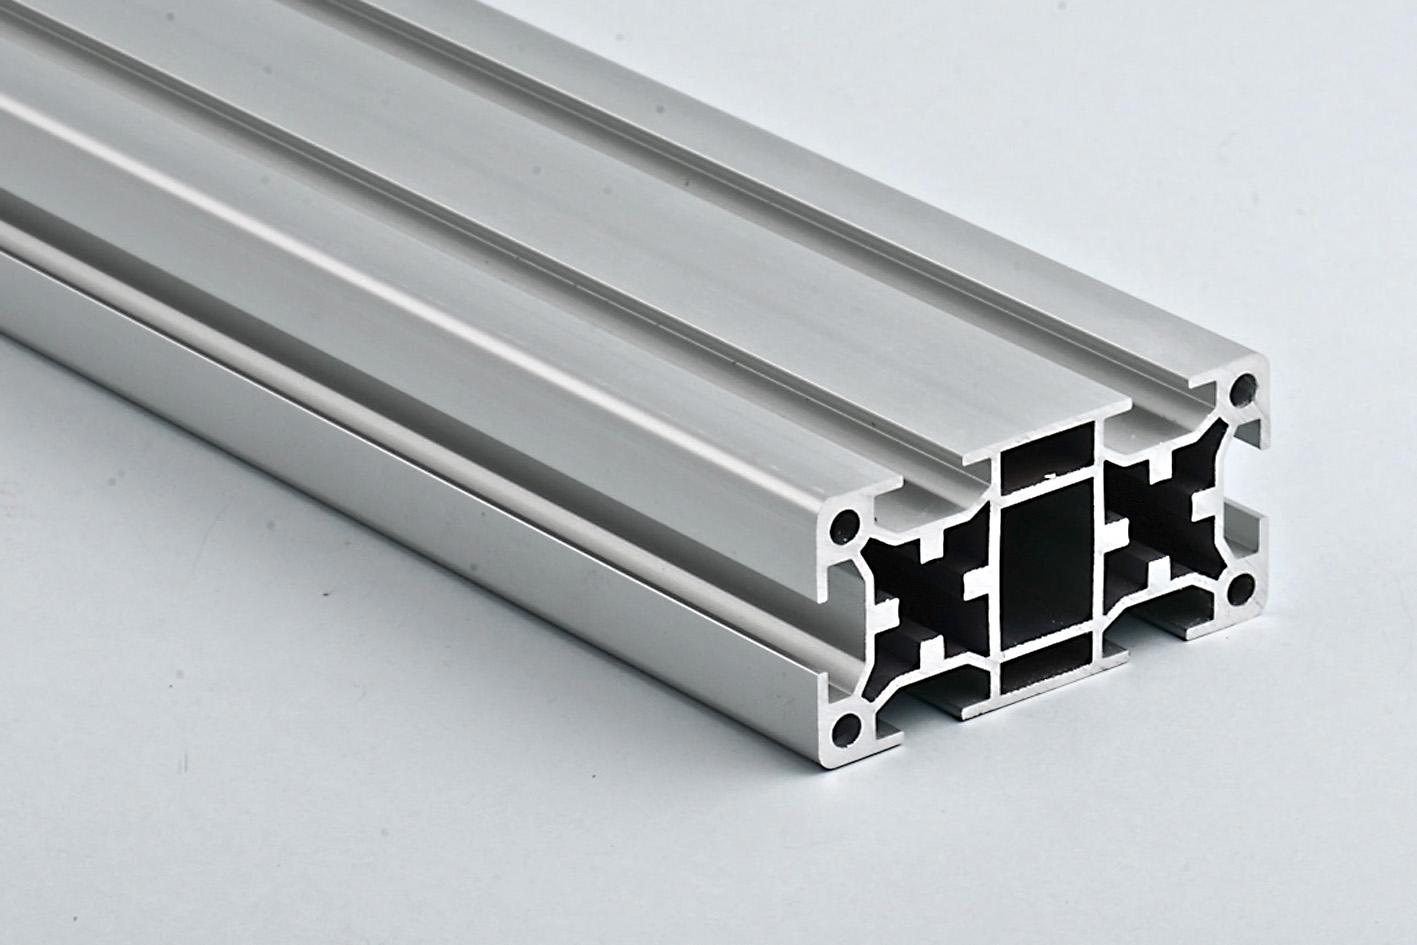 铝制品是如何加工的?本文带你了解一下工业铝型材加工步骤!